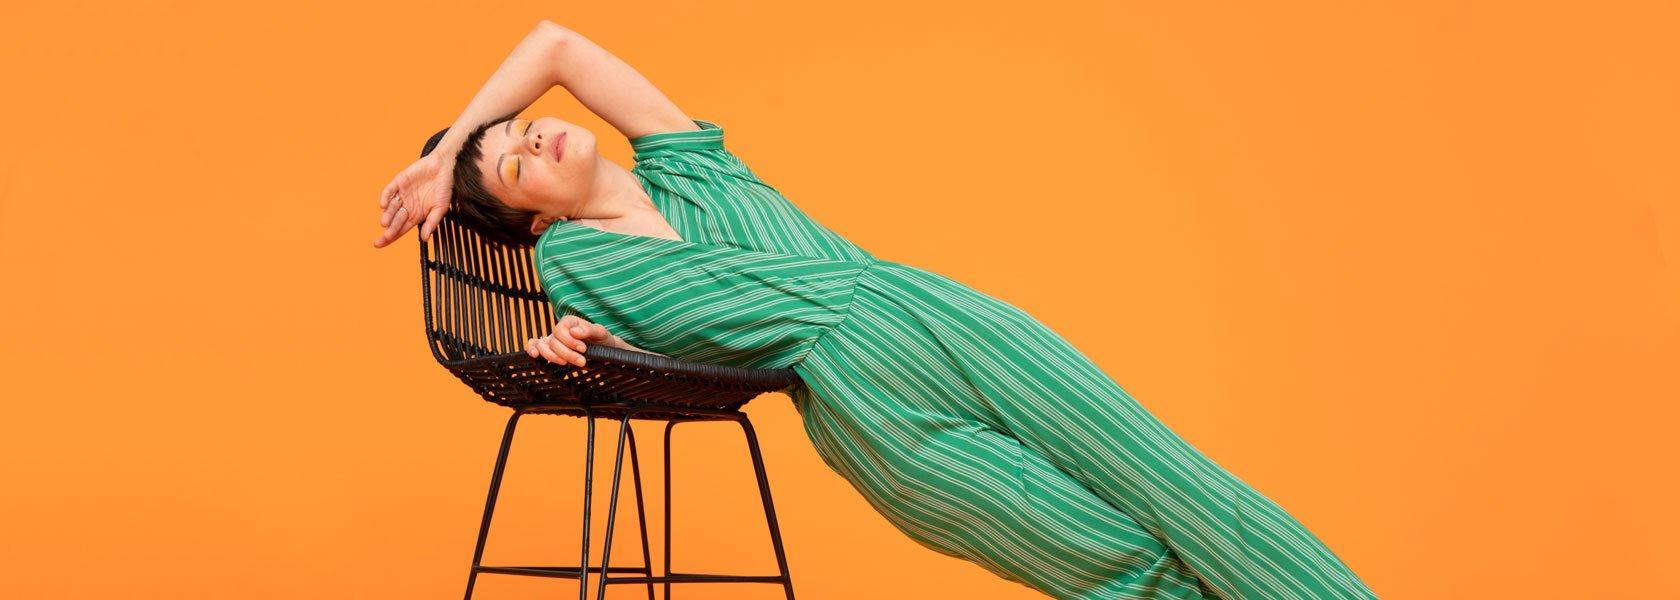 Frau mit grünem Jumpsuit und orangenem Lidschatten